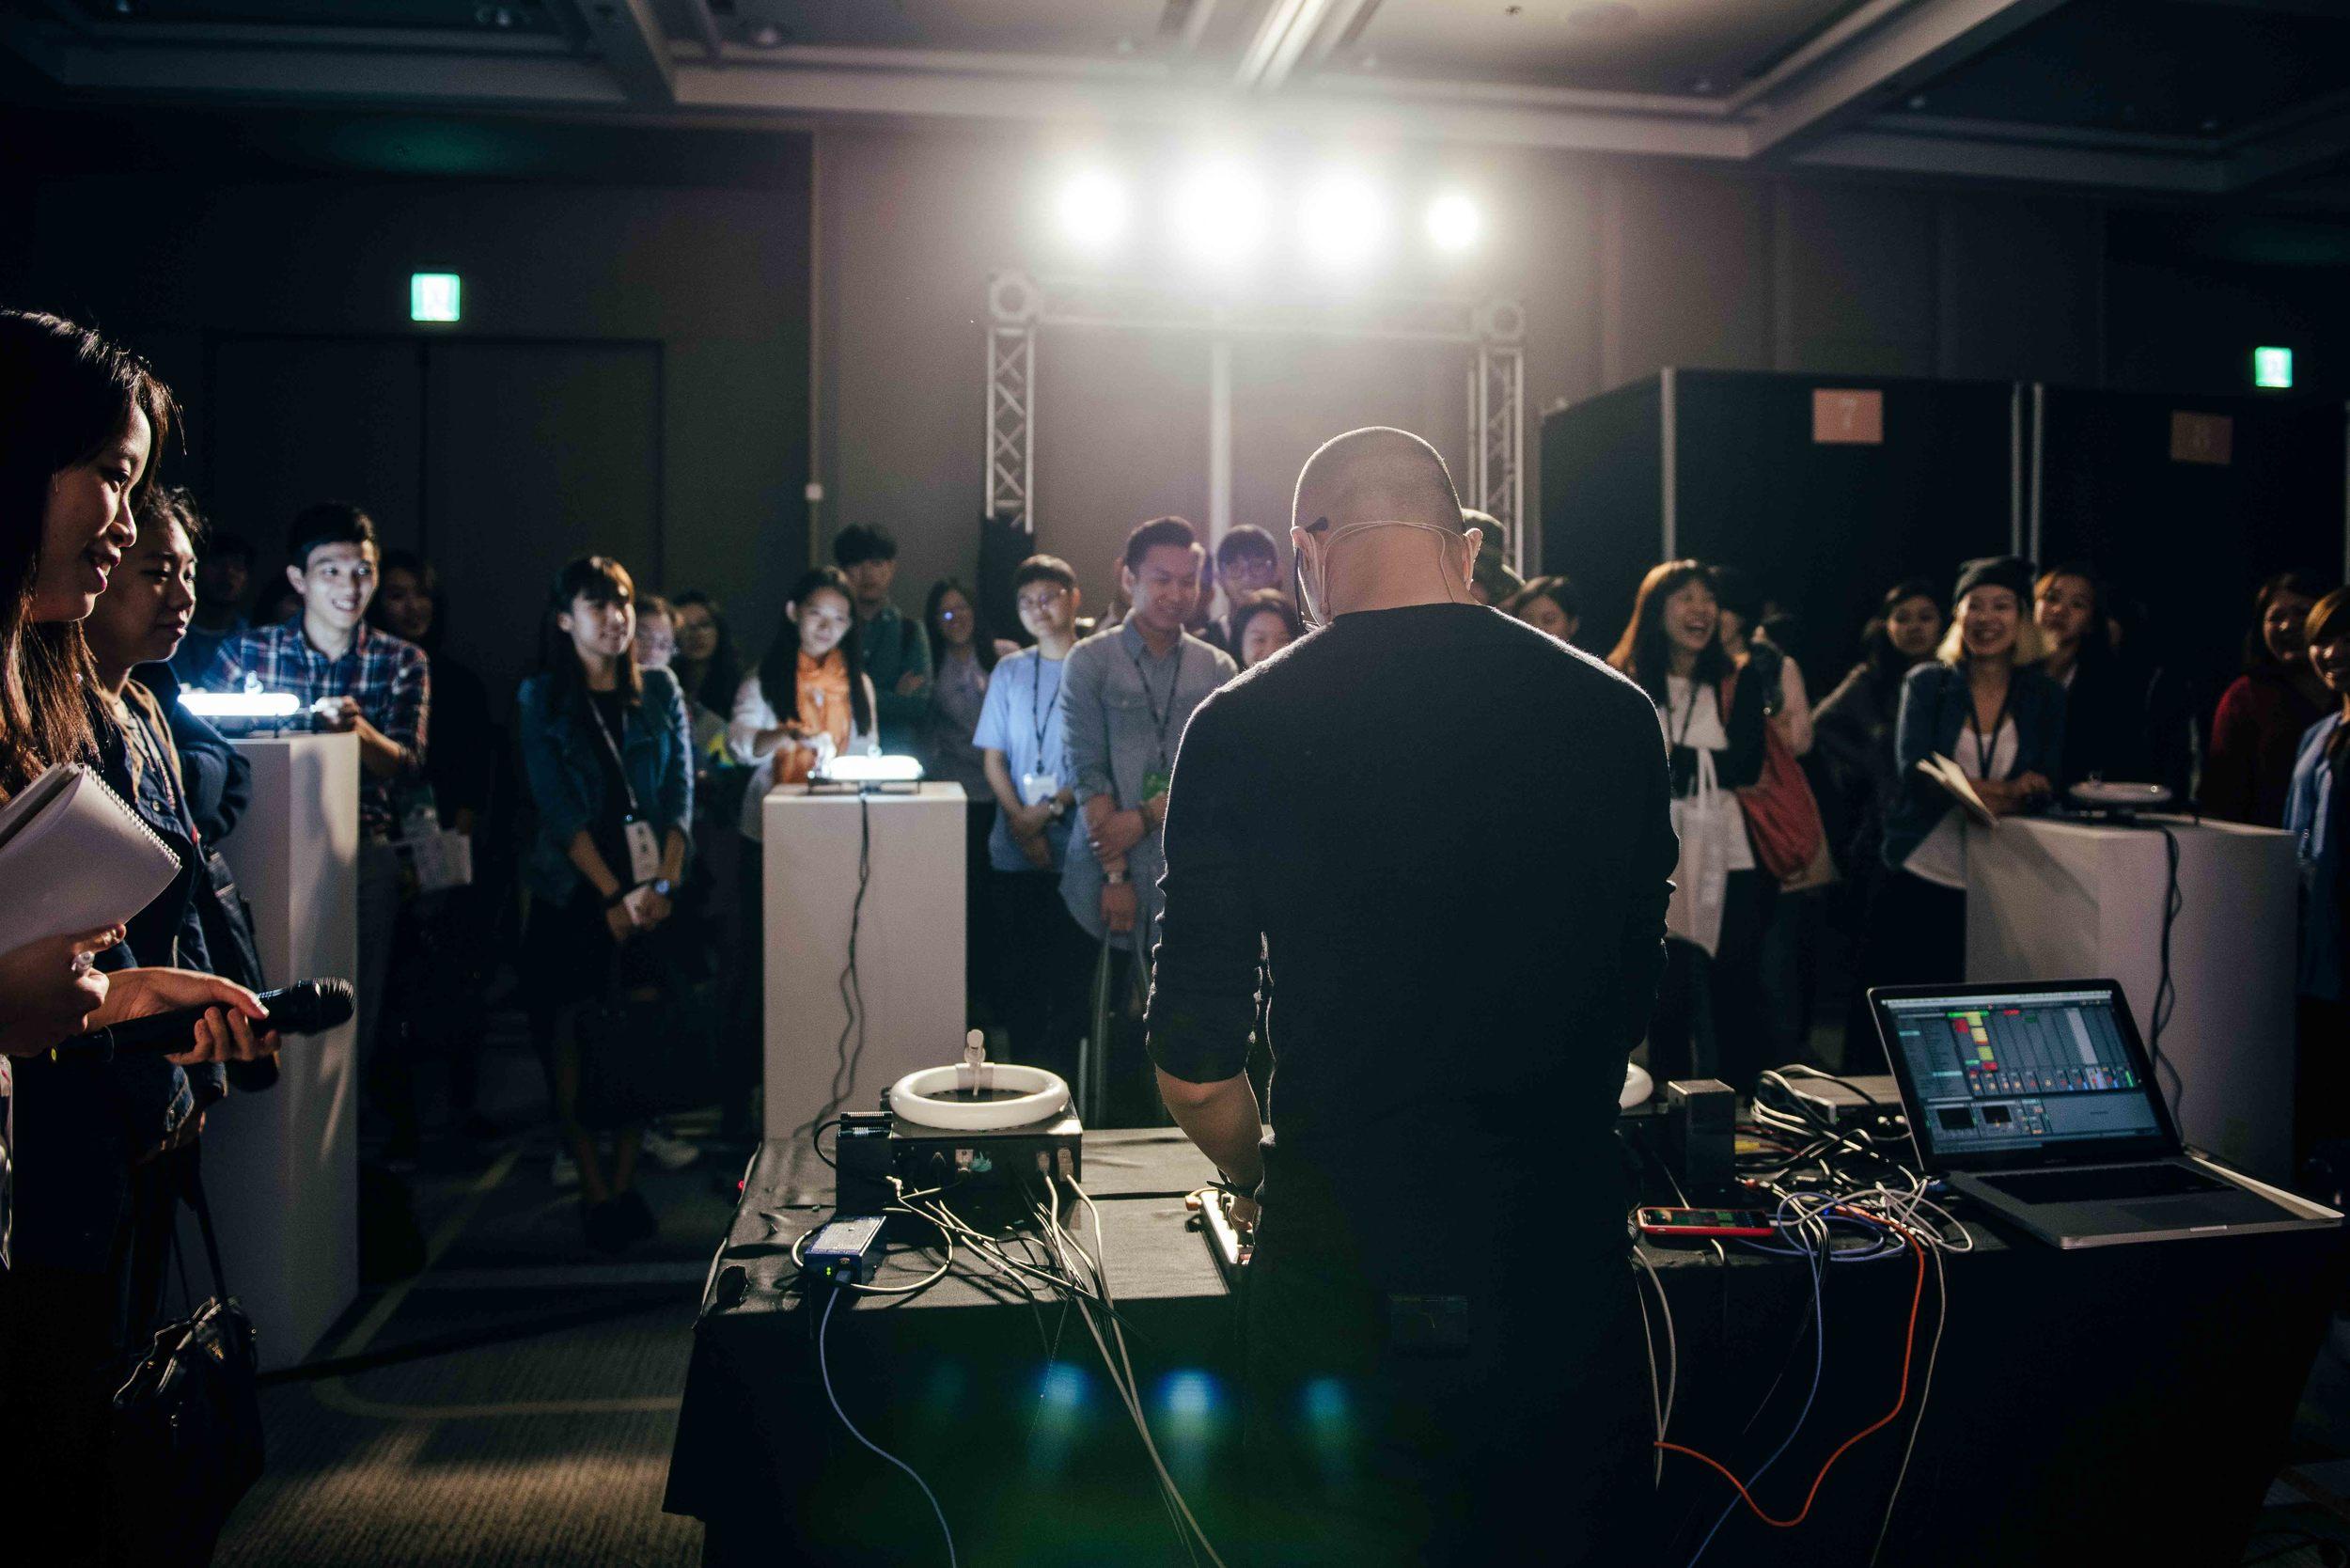 Wuz_newwebsite_event_9.JPG